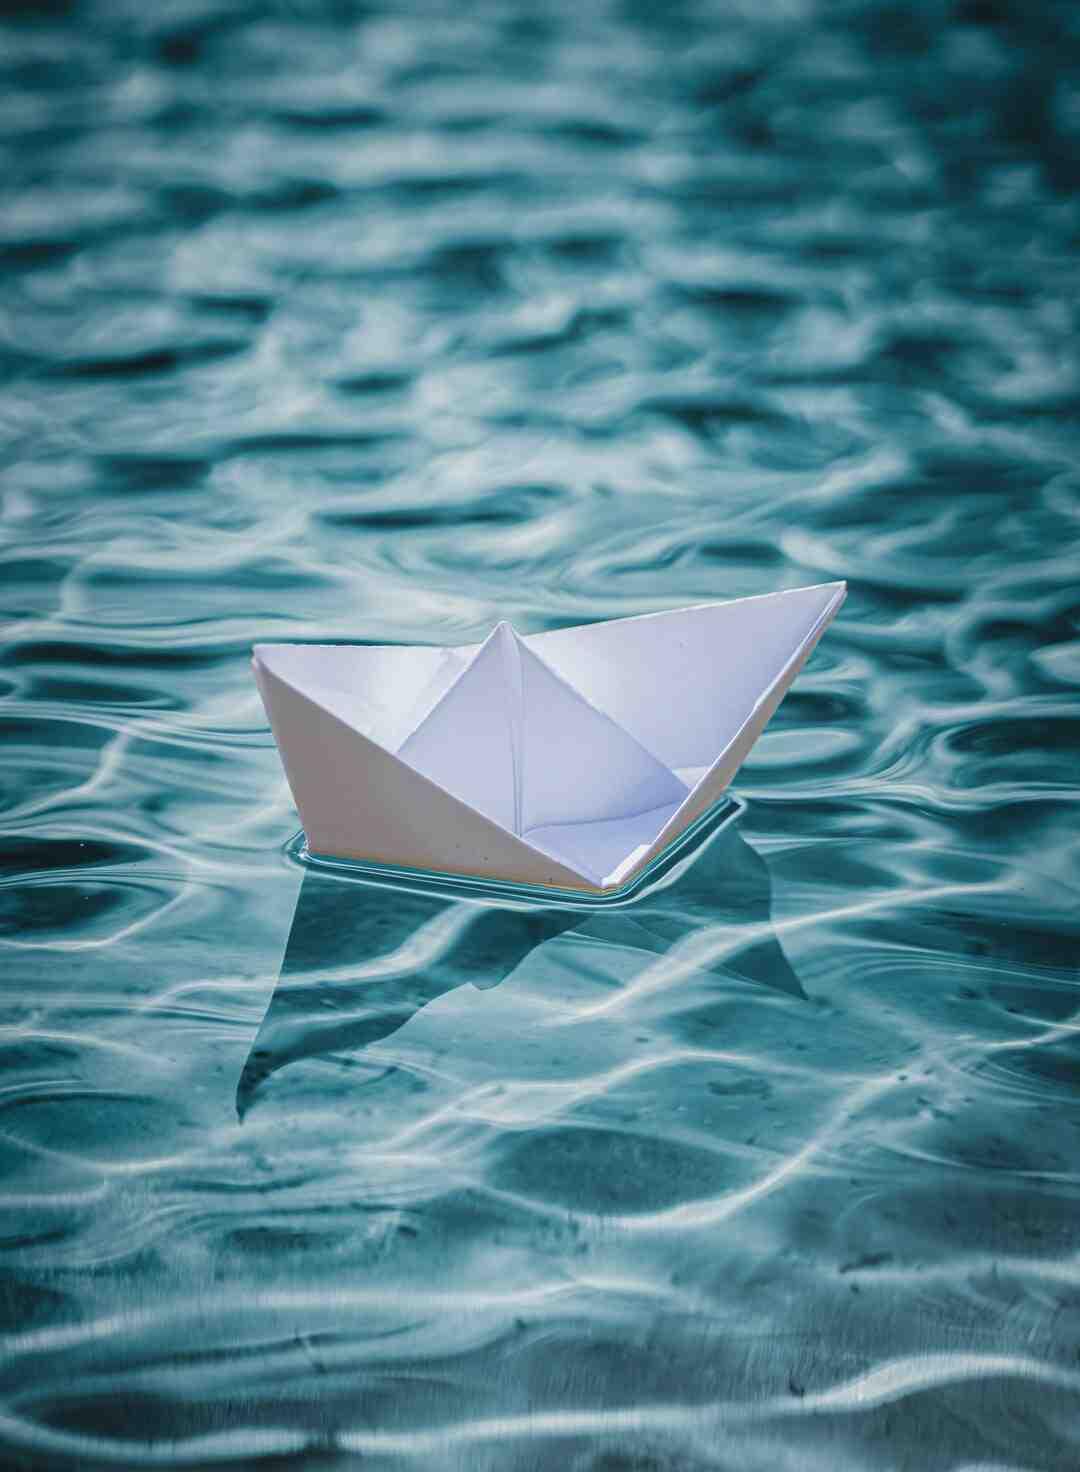 Pourquoi on flotte sur l'eau ?